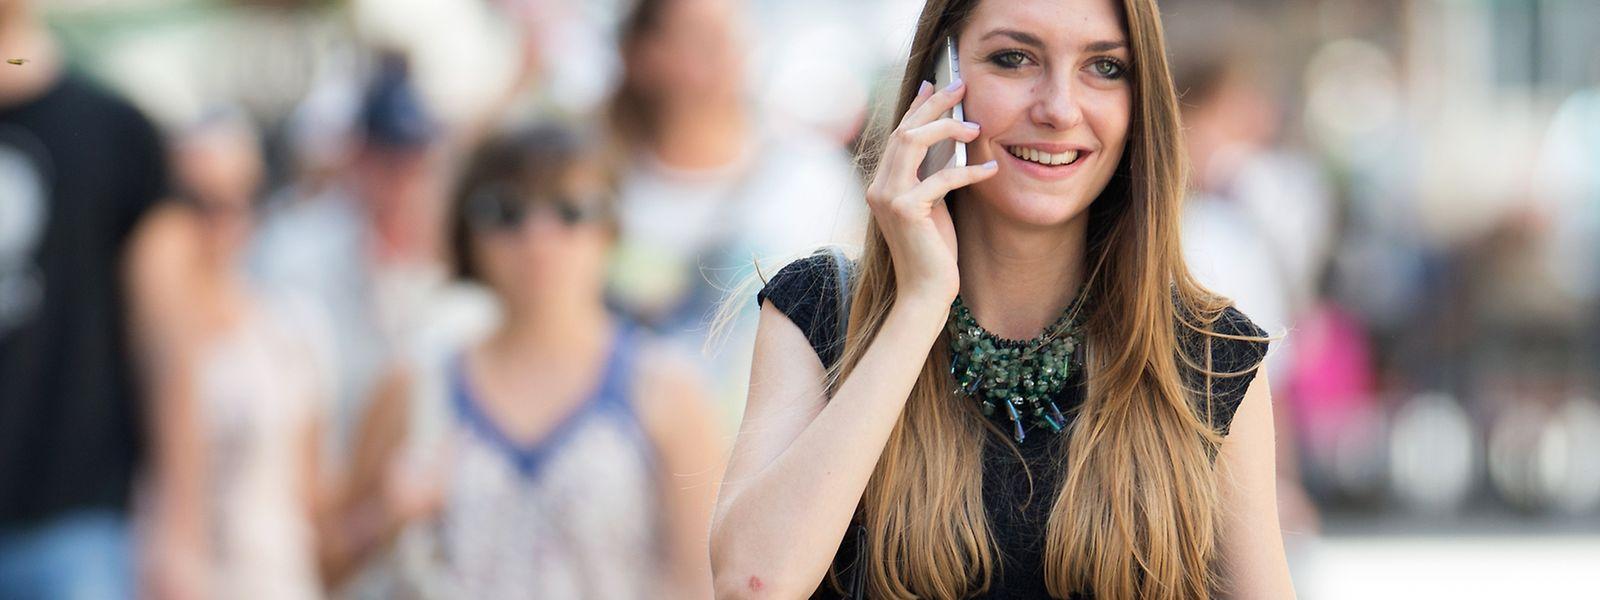 Die EU-Kommission hatte diese Woche zunächst vorgeschlagen, dass Anbieter nur mindestens 90 Tage pro Jahr ohne Zusatzkosten fürs mobile Telefonieren im Ausland gewähren müssen.